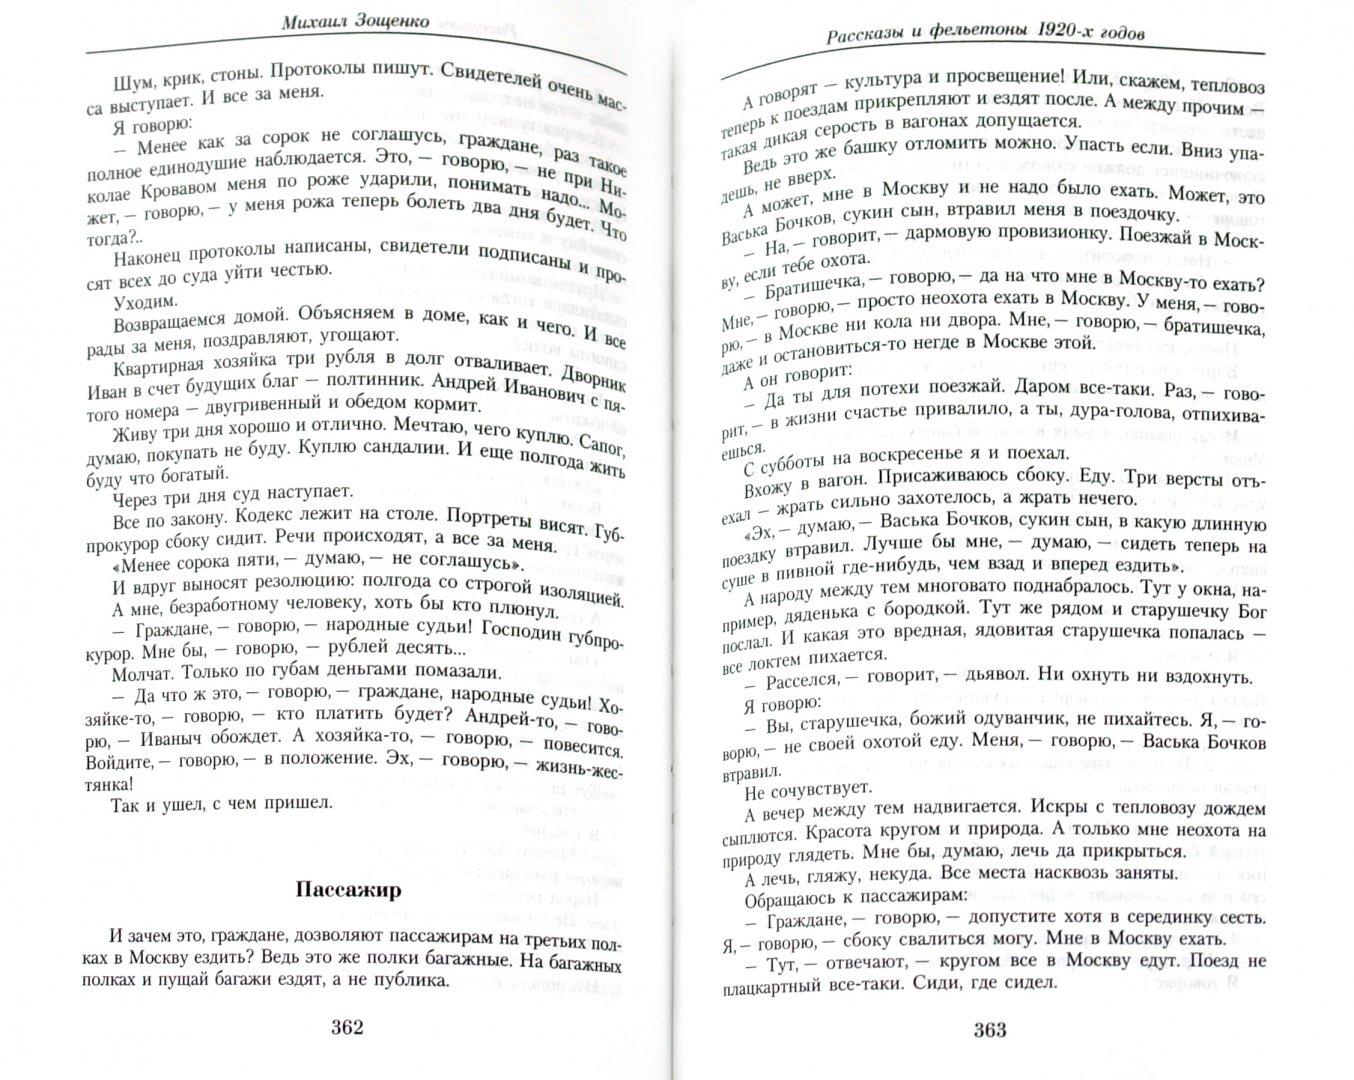 Иллюстрация 1 из 40 для Малое собрание сочинений - Михаил Зощенко   Лабиринт - книги. Источник: Лабиринт